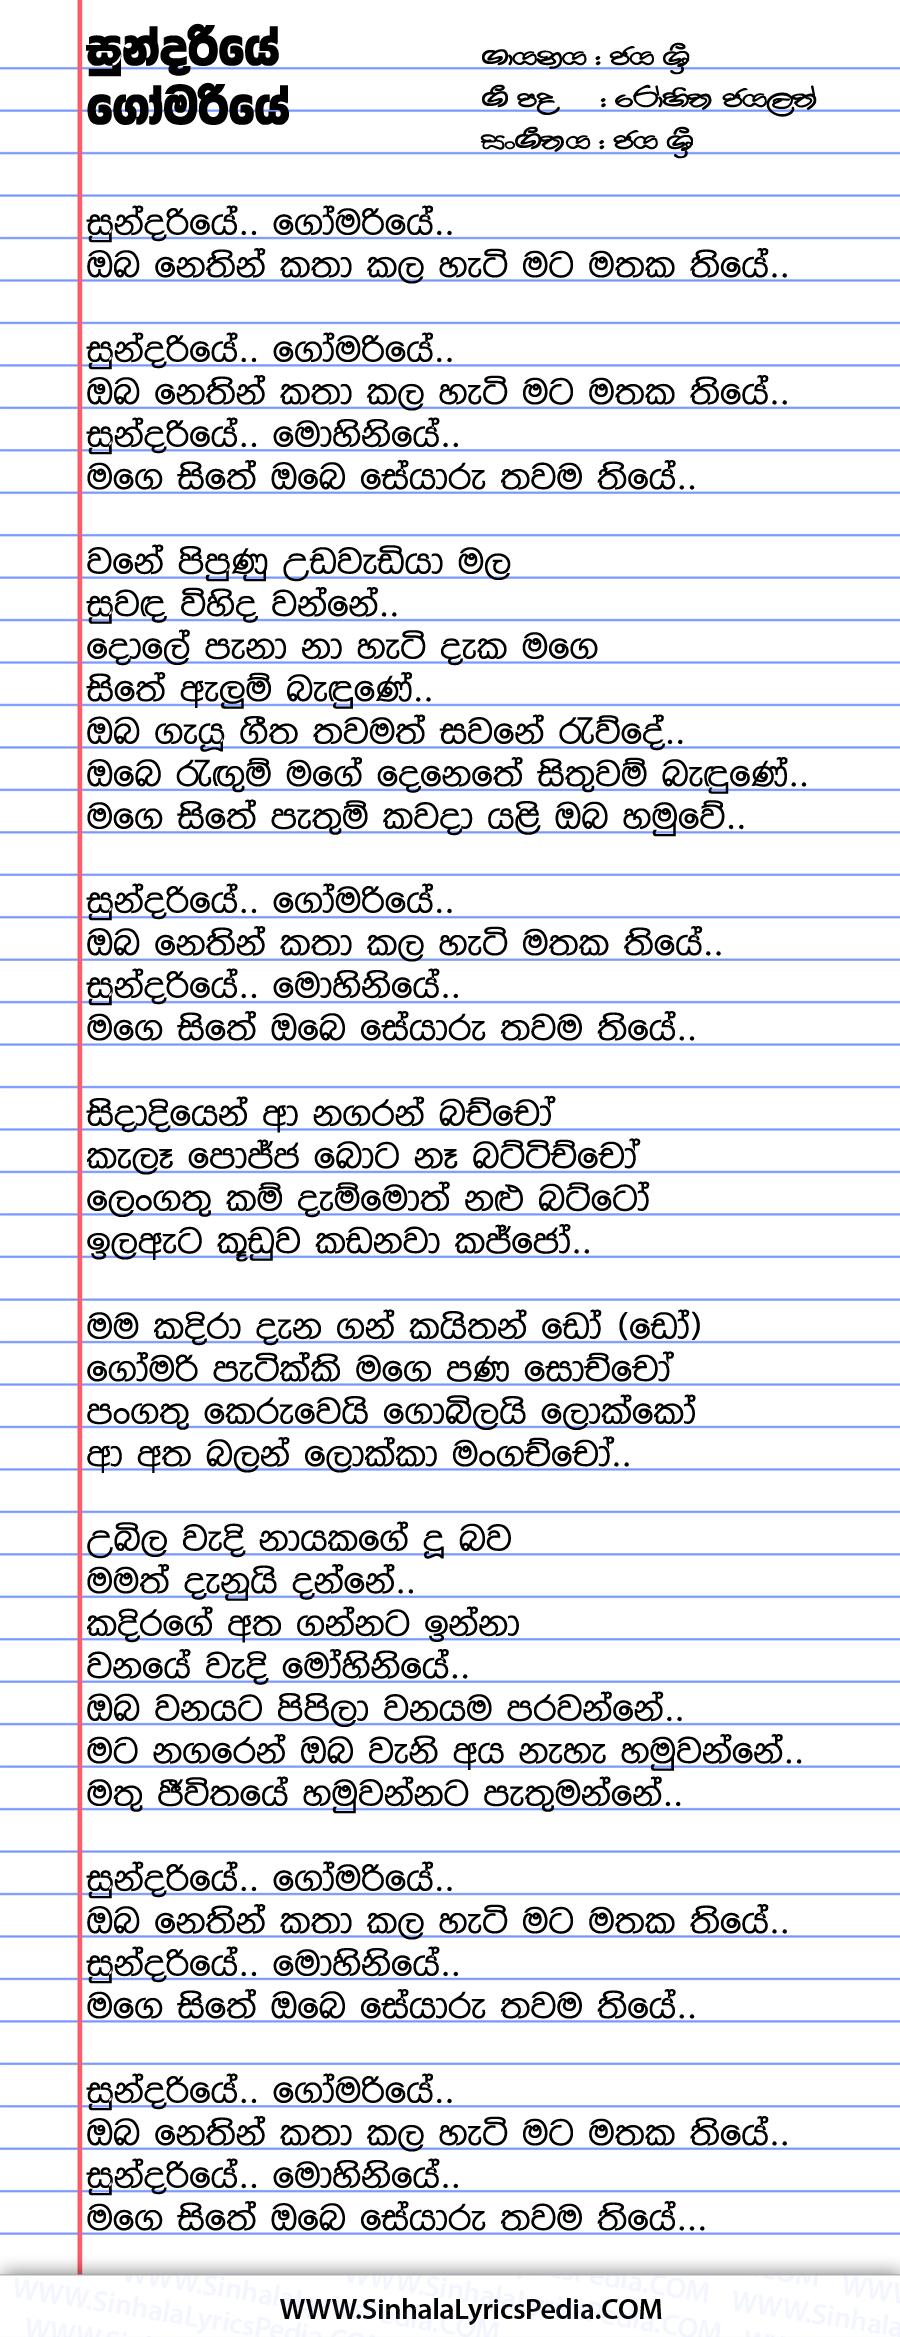 Sundariye Gomariye Song Lyrics